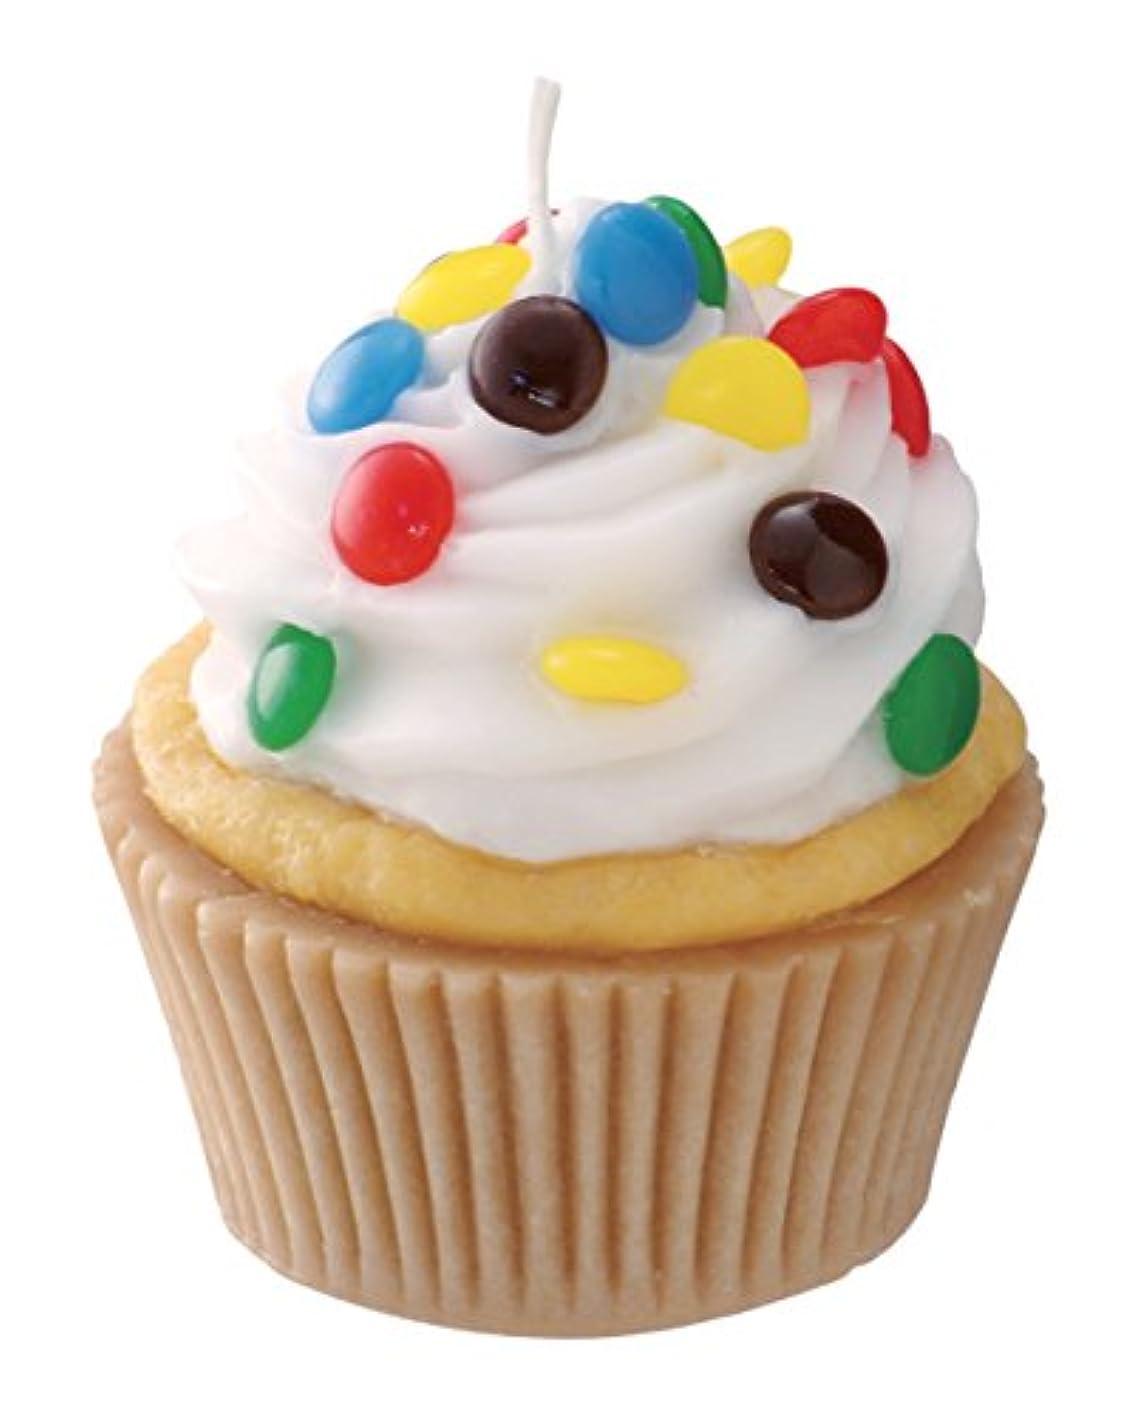 影響力のある広まった病気カメヤマキャンドルハウス 本物そっくり! アメリカンカップケーキキャンドル ホワイトクリーム チョコレートの香り